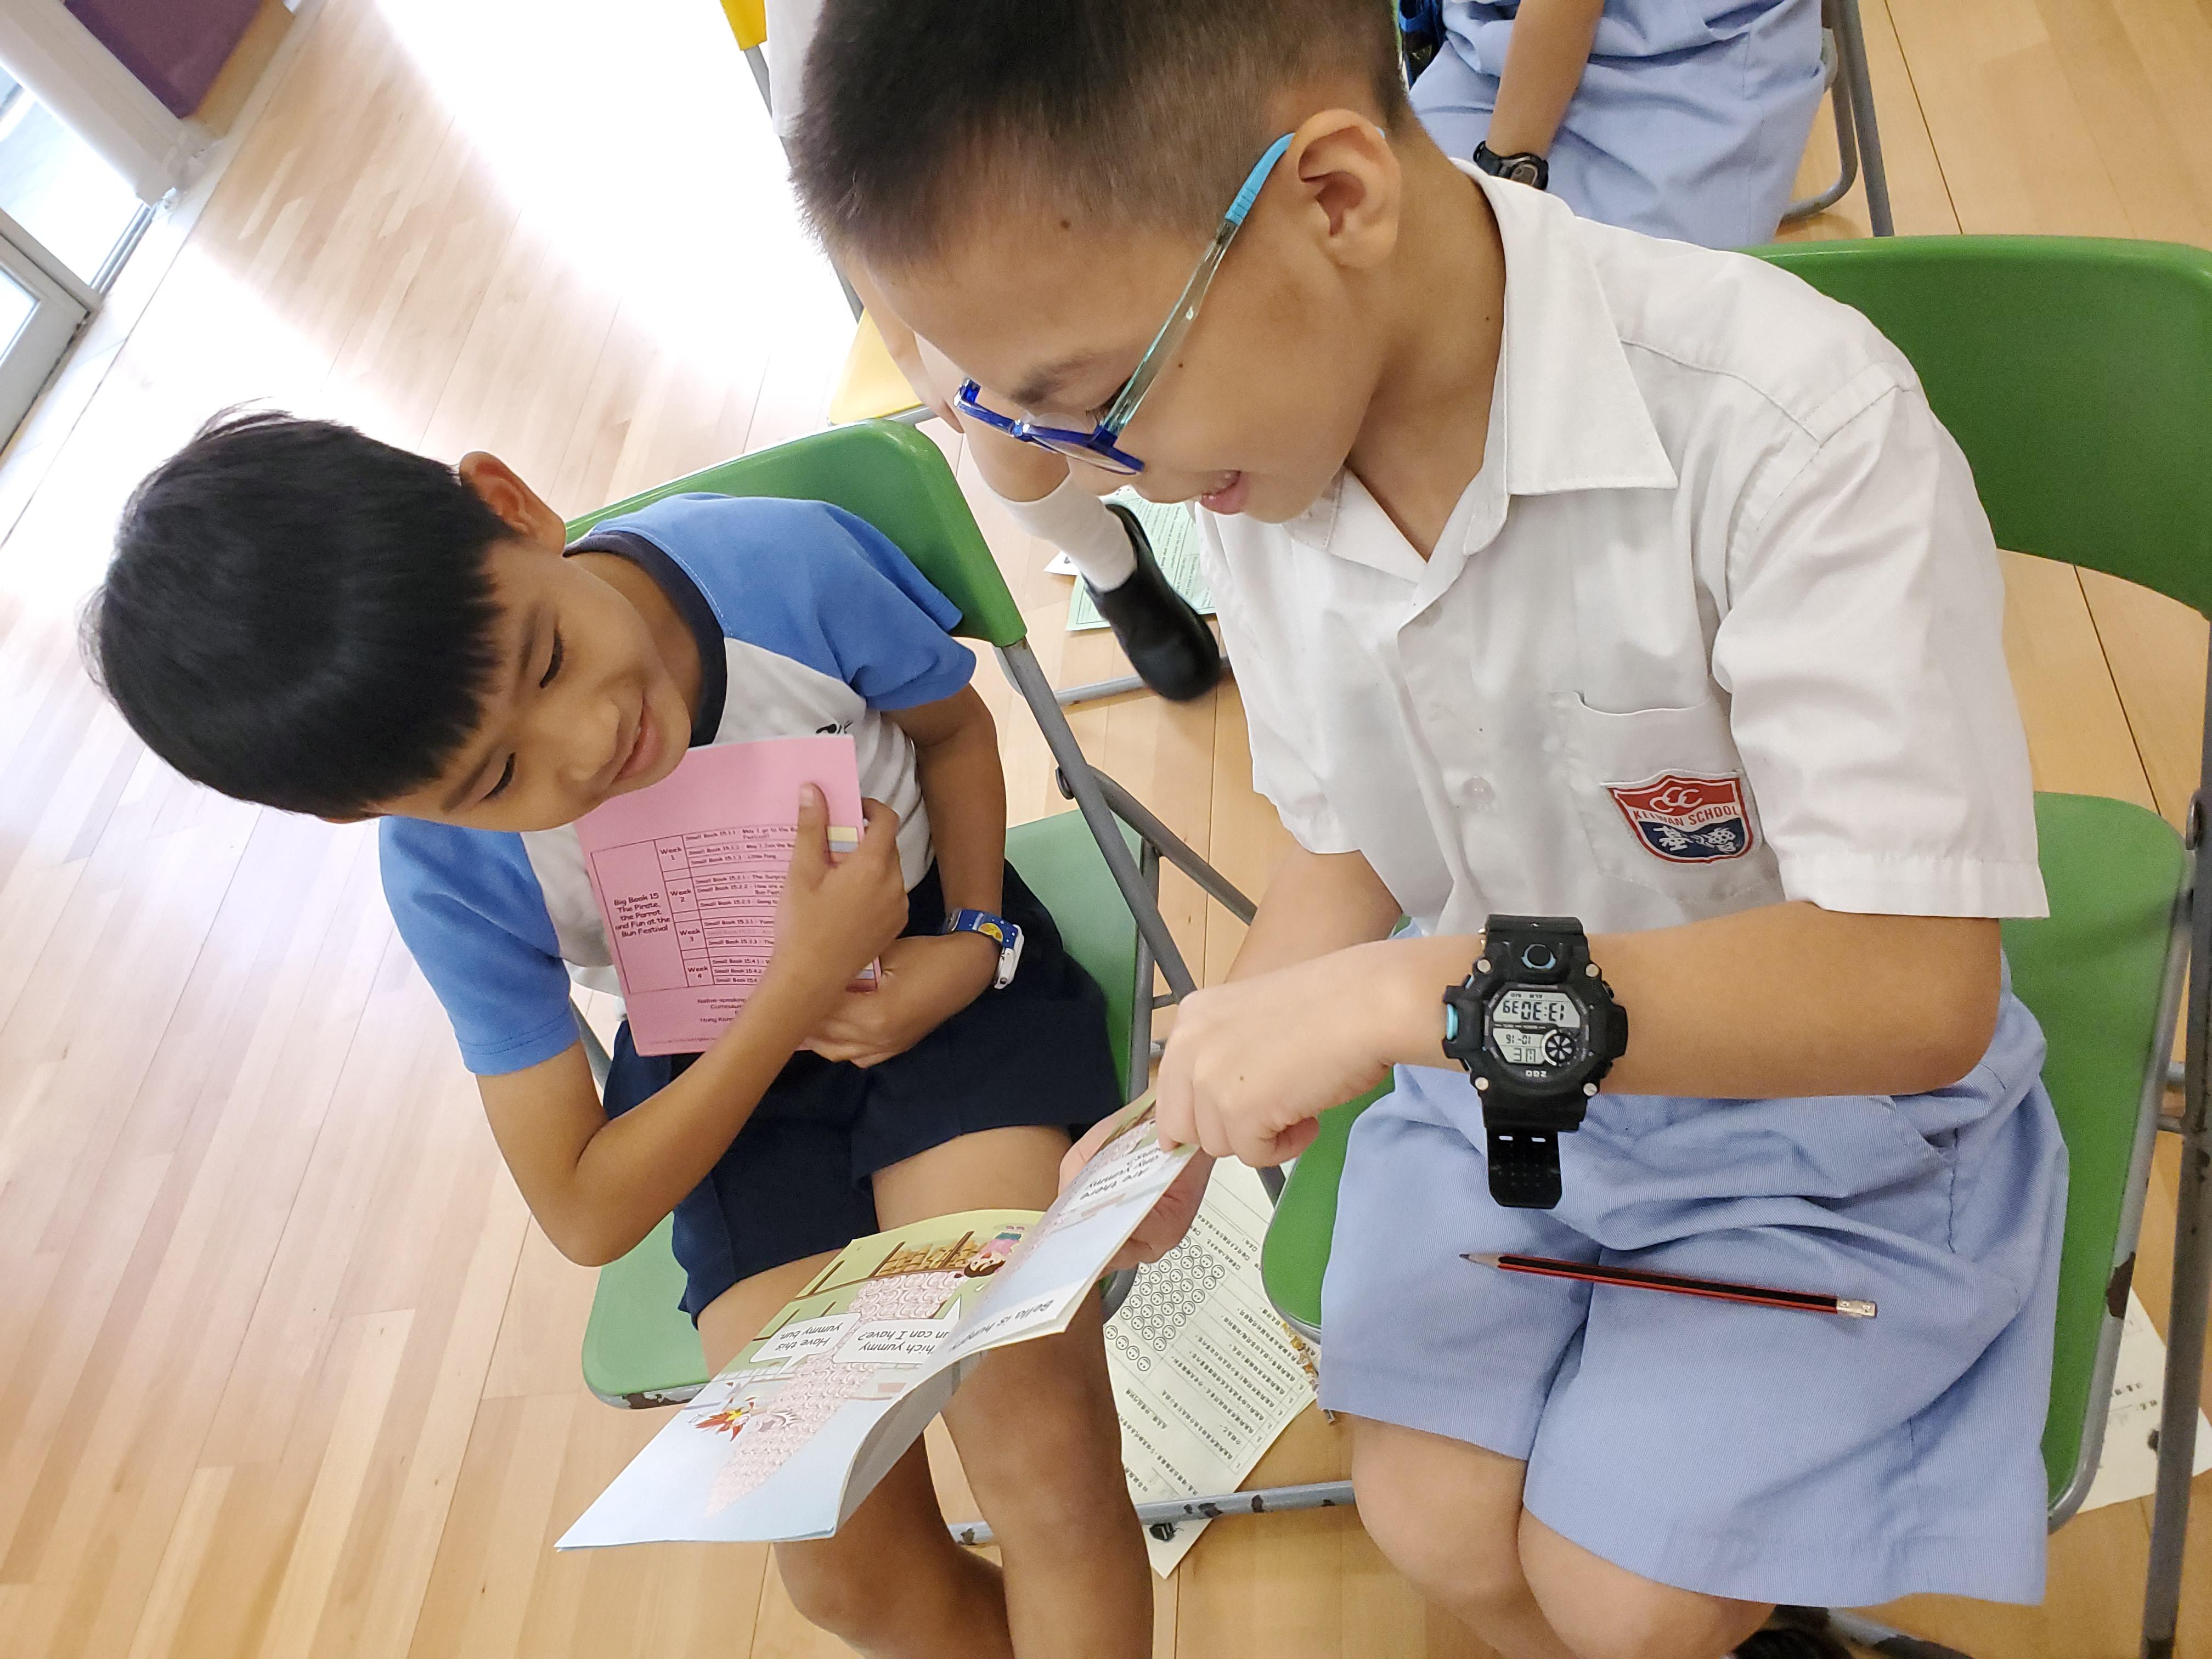 http://www.keiwan.edu.hk/sites/default/files/20191016_133047.jpg